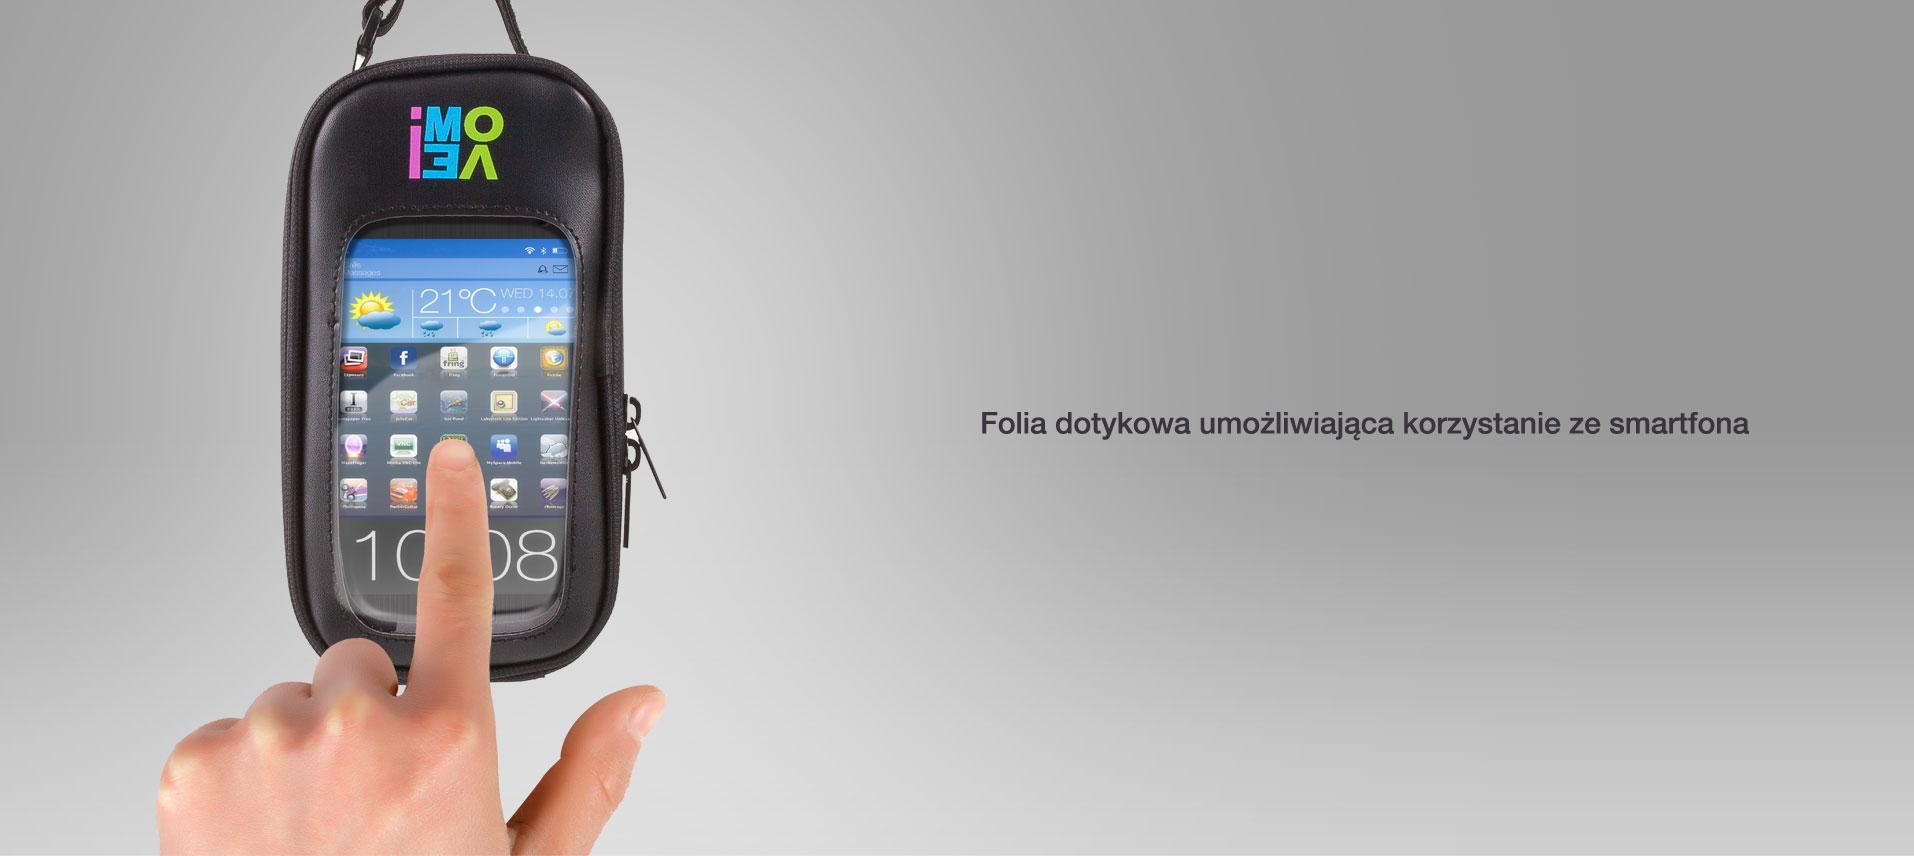 Folia dotykowa umożliwiająca korzystanie ze smartfona.